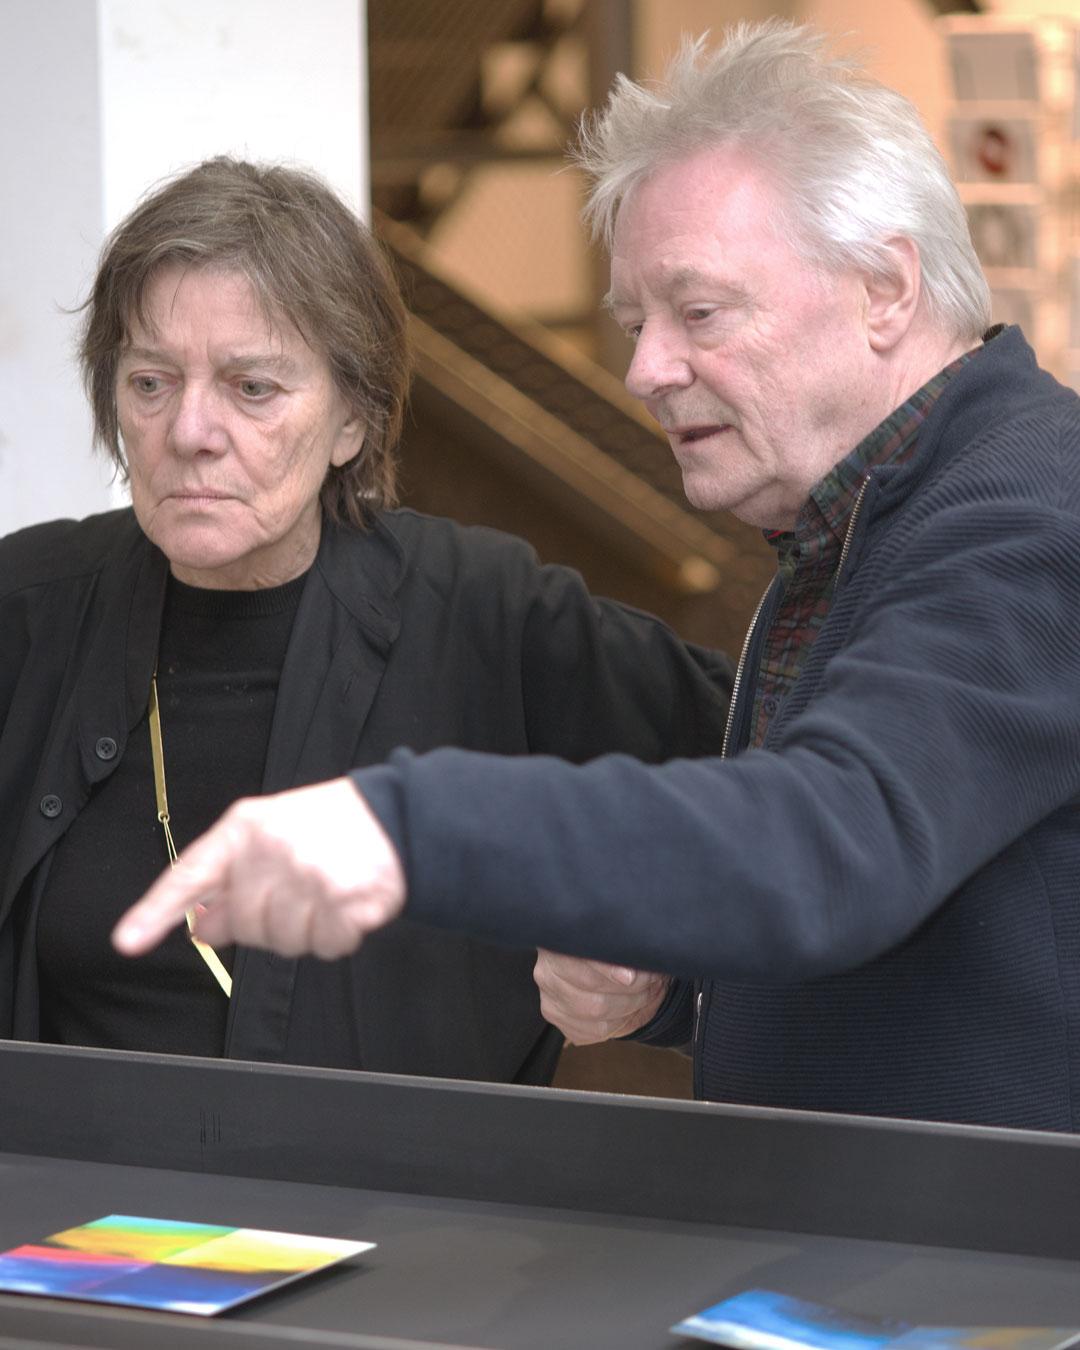 Marie-José van den Hout and Robert Smit